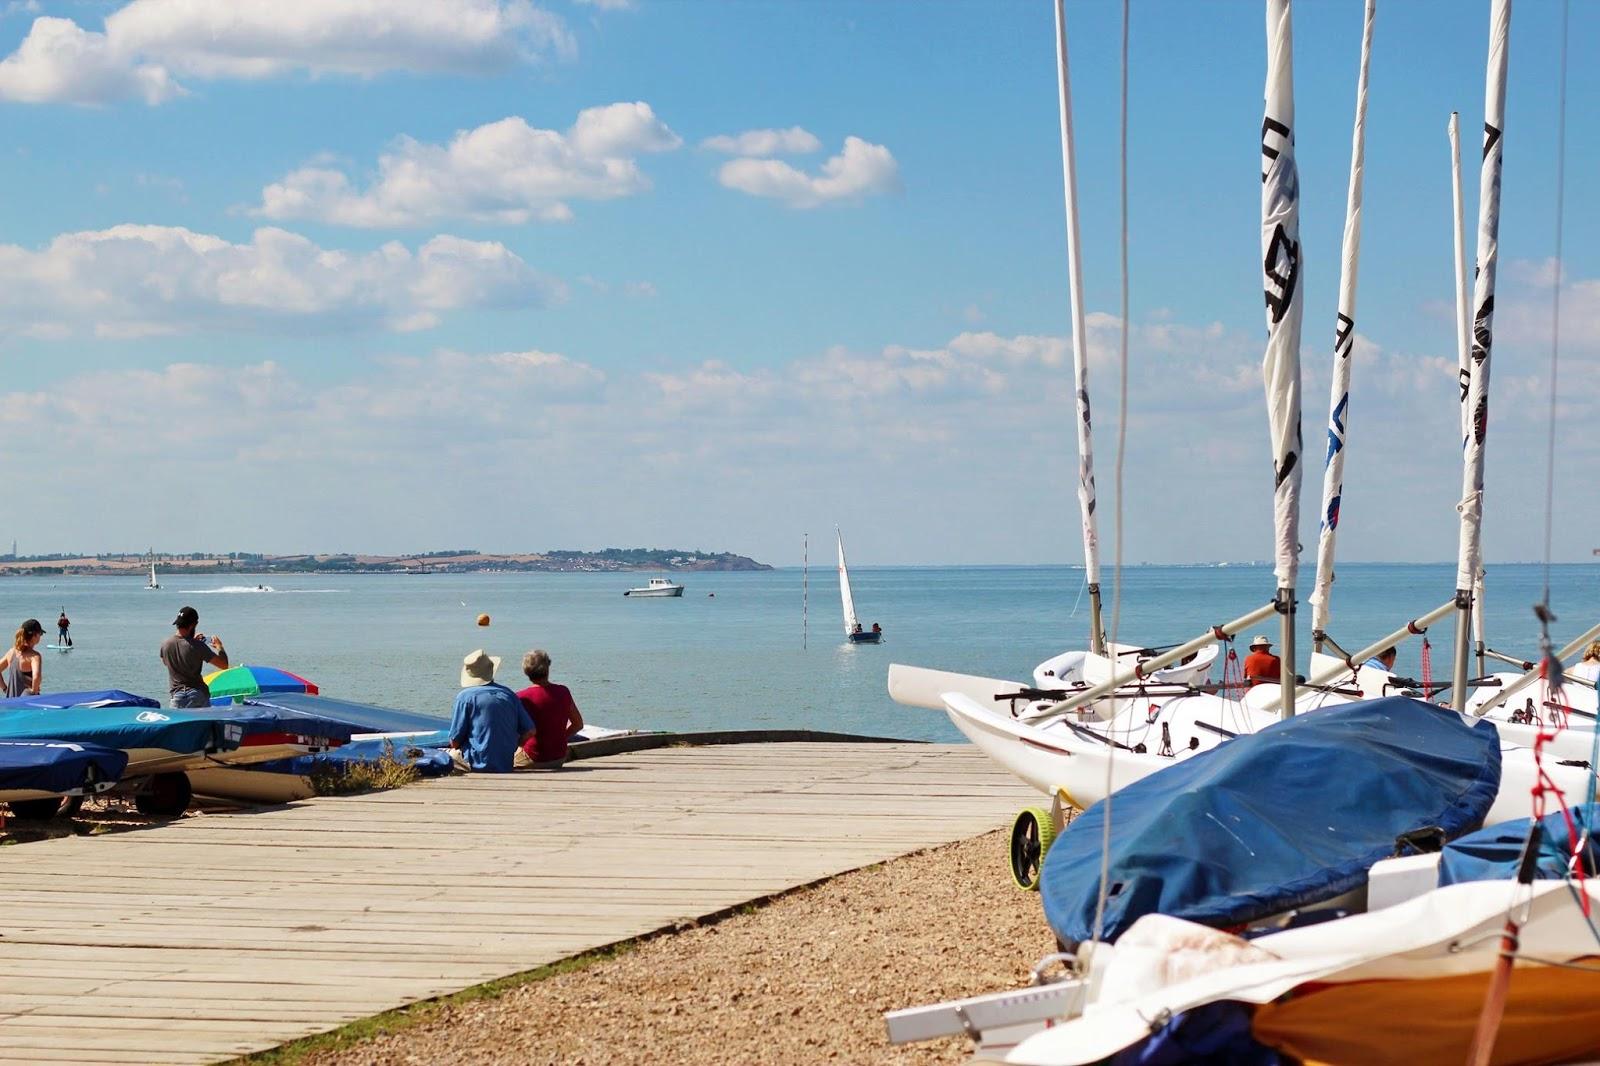 whitstable, whitstable uk, whitstable beach, visit whitstable